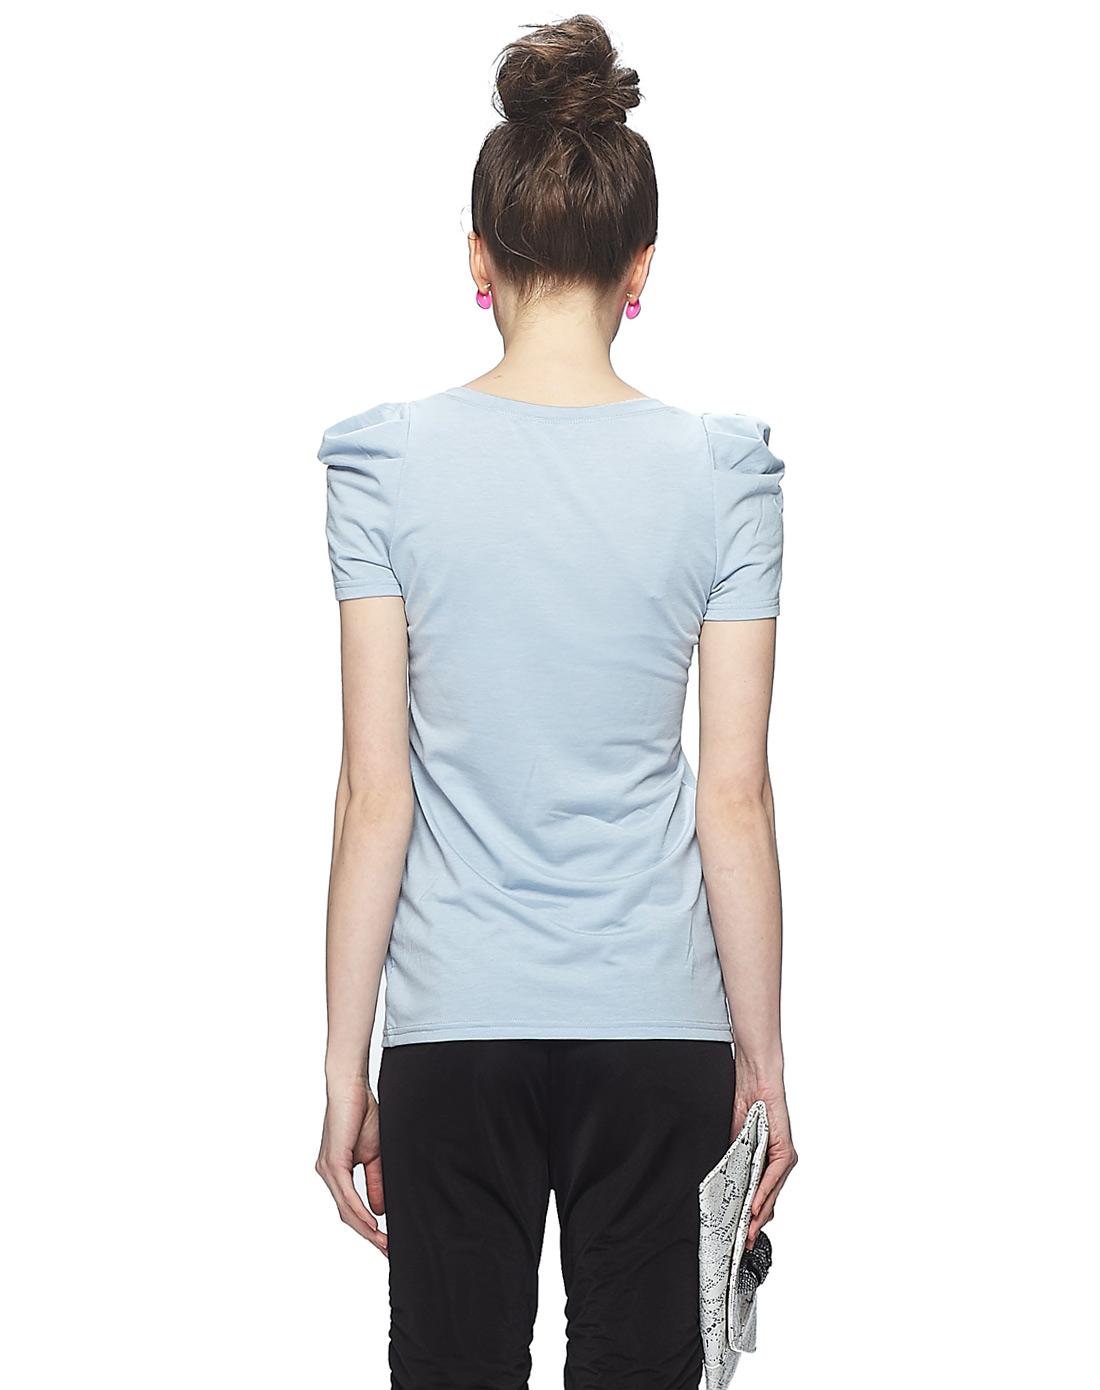 浅蓝休闲圆领手绘短袖t恤